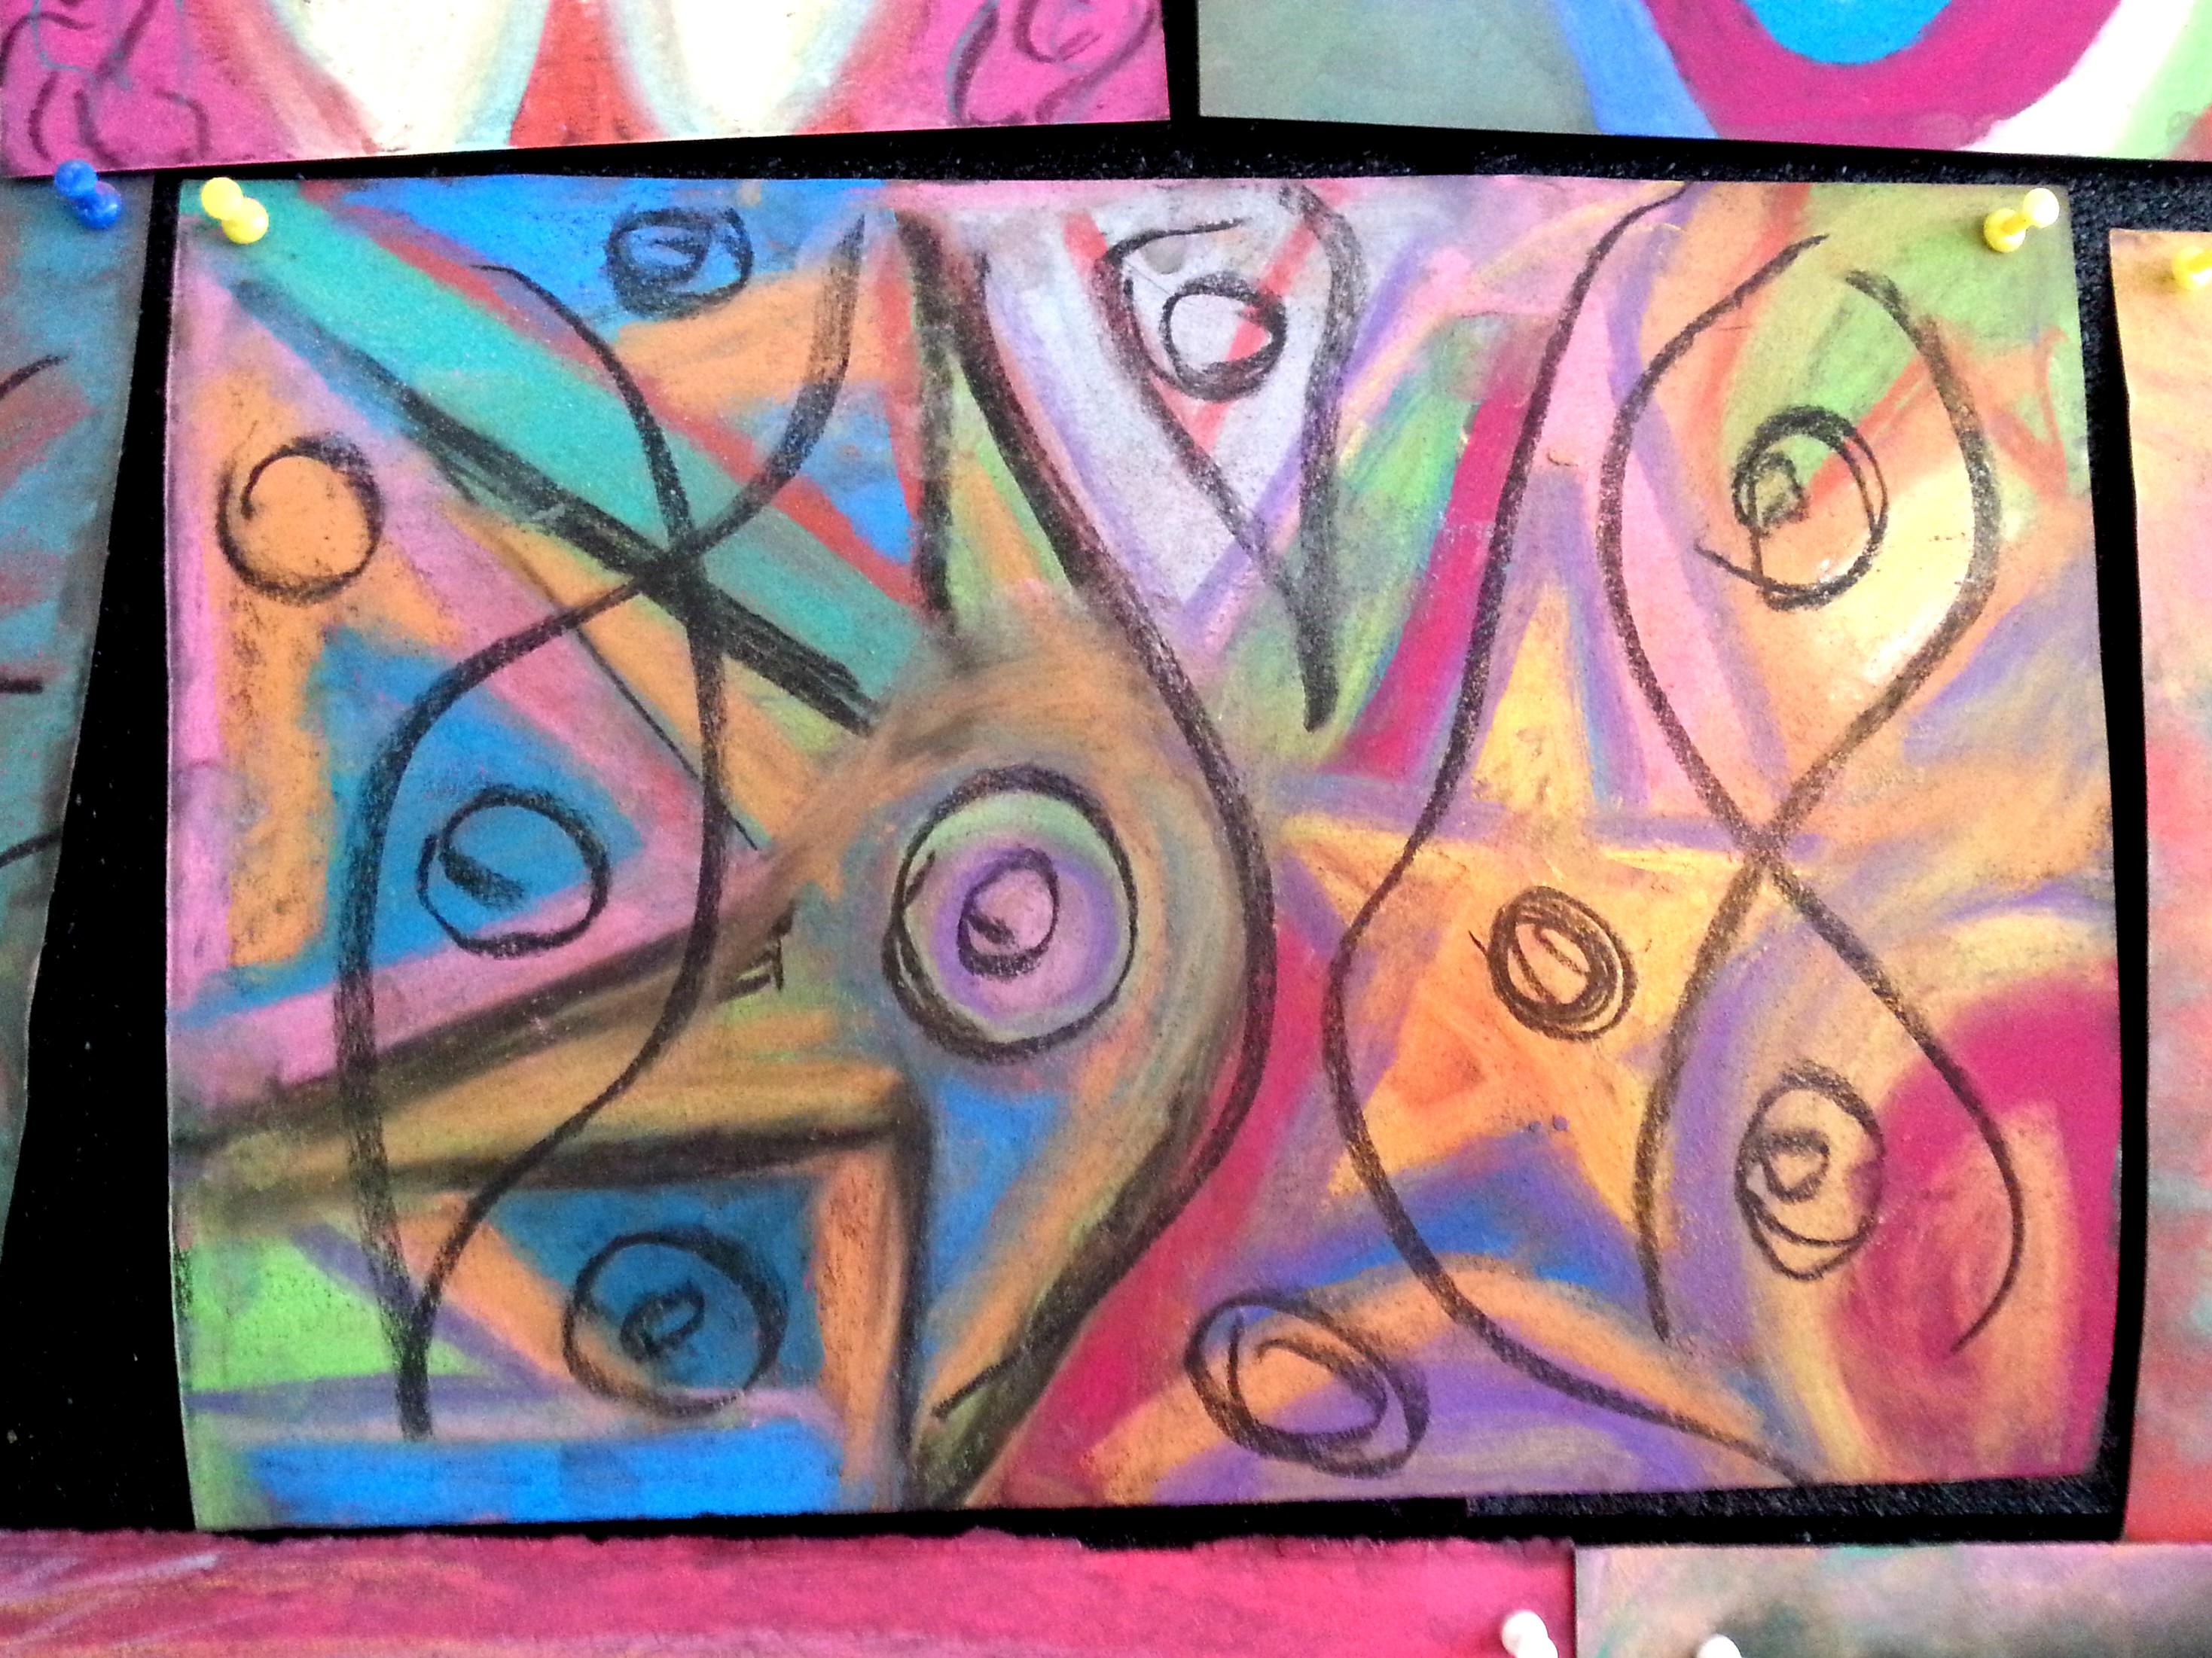 ציור אינטואיטיבי צבעוני עם עיגולים